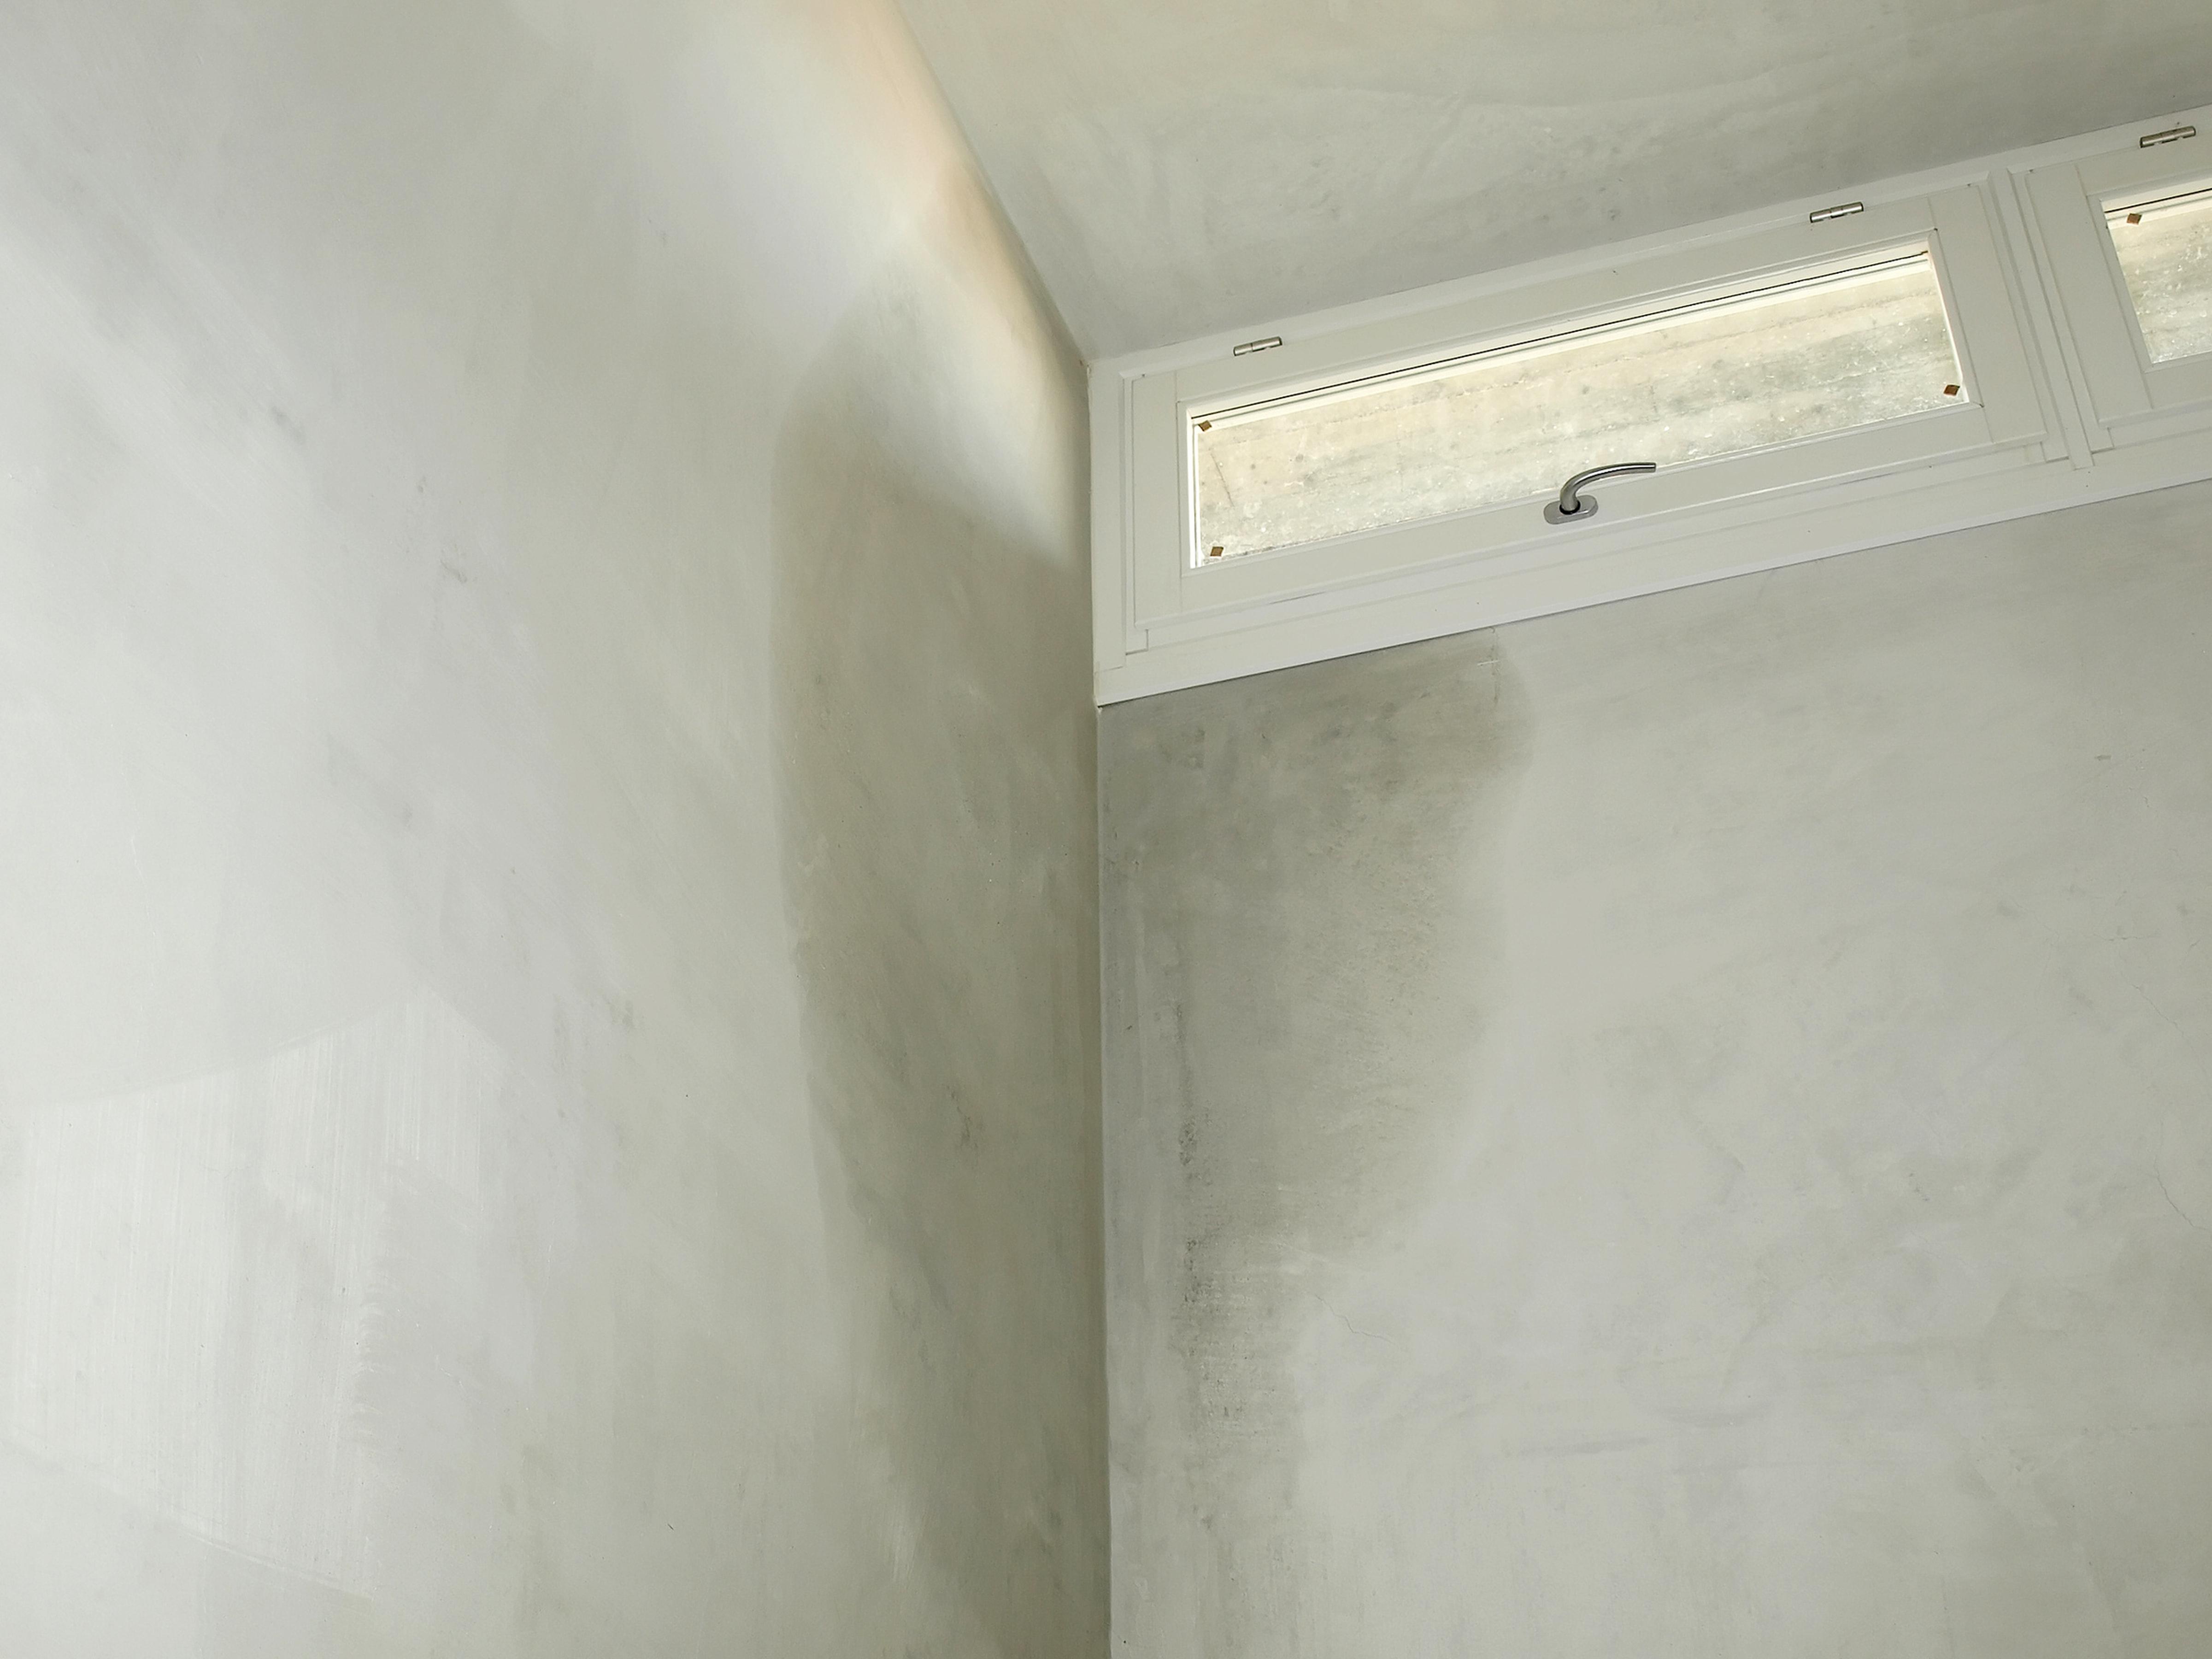 Umidit nei muri come eliminarla grazie alla nanotecnologia - Umidita nei muri interni soluzioni ...